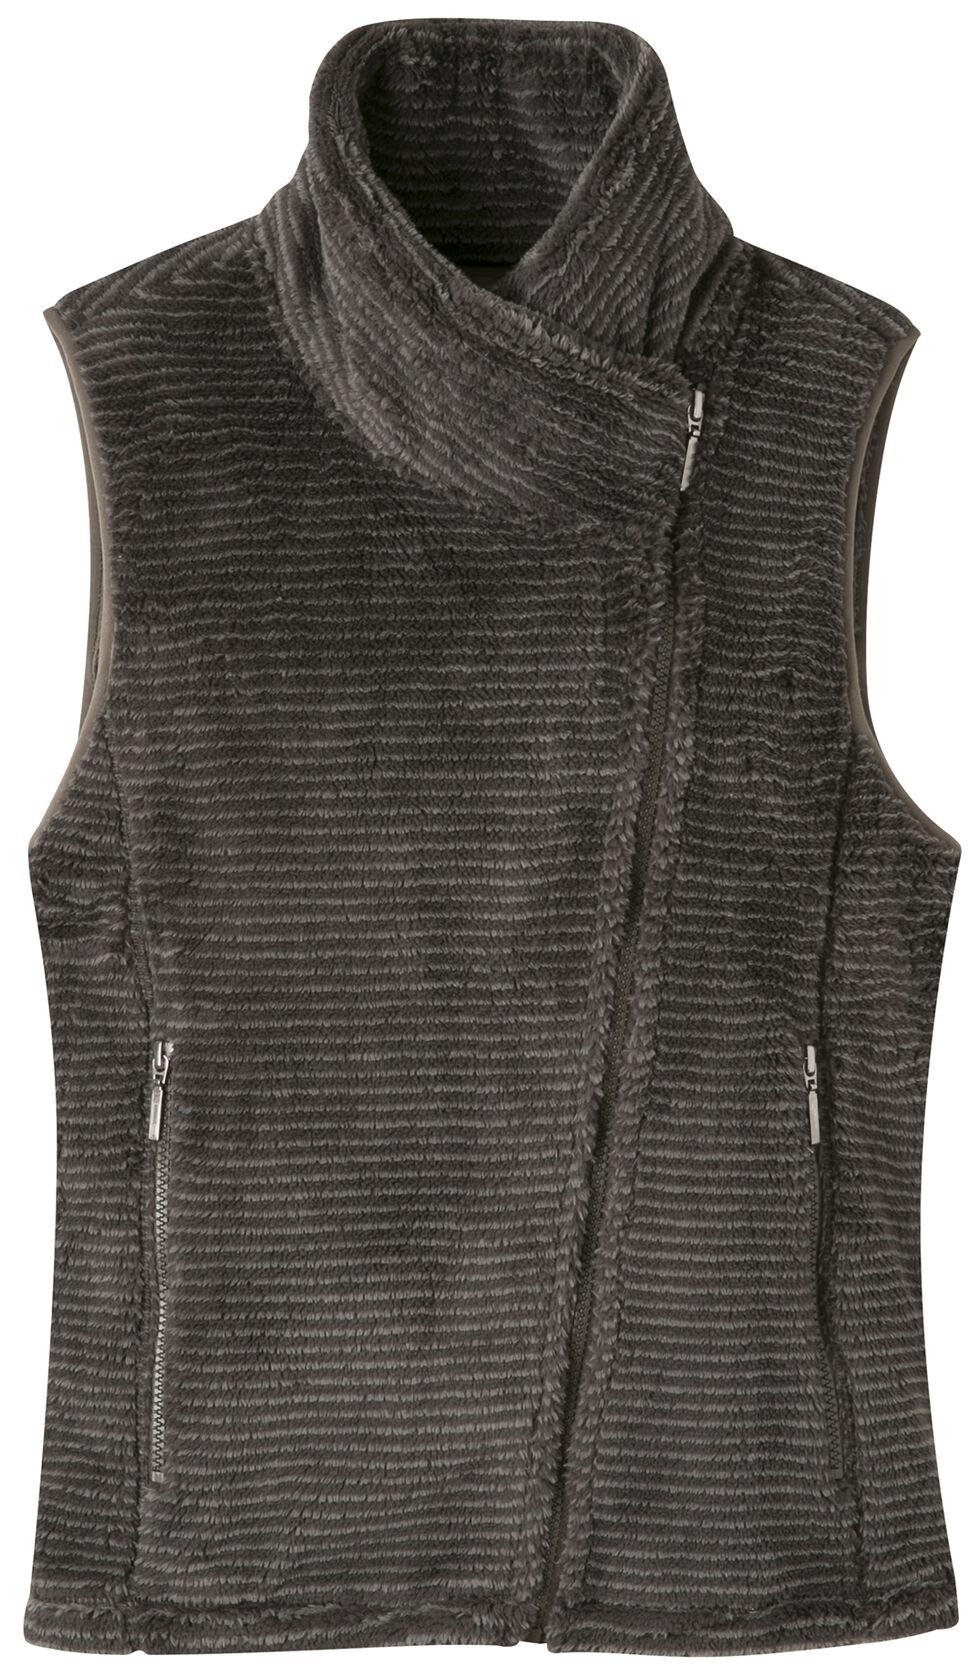 Mountain Khakis Women's Wanderlust Fleece Vest, Brown, hi-res